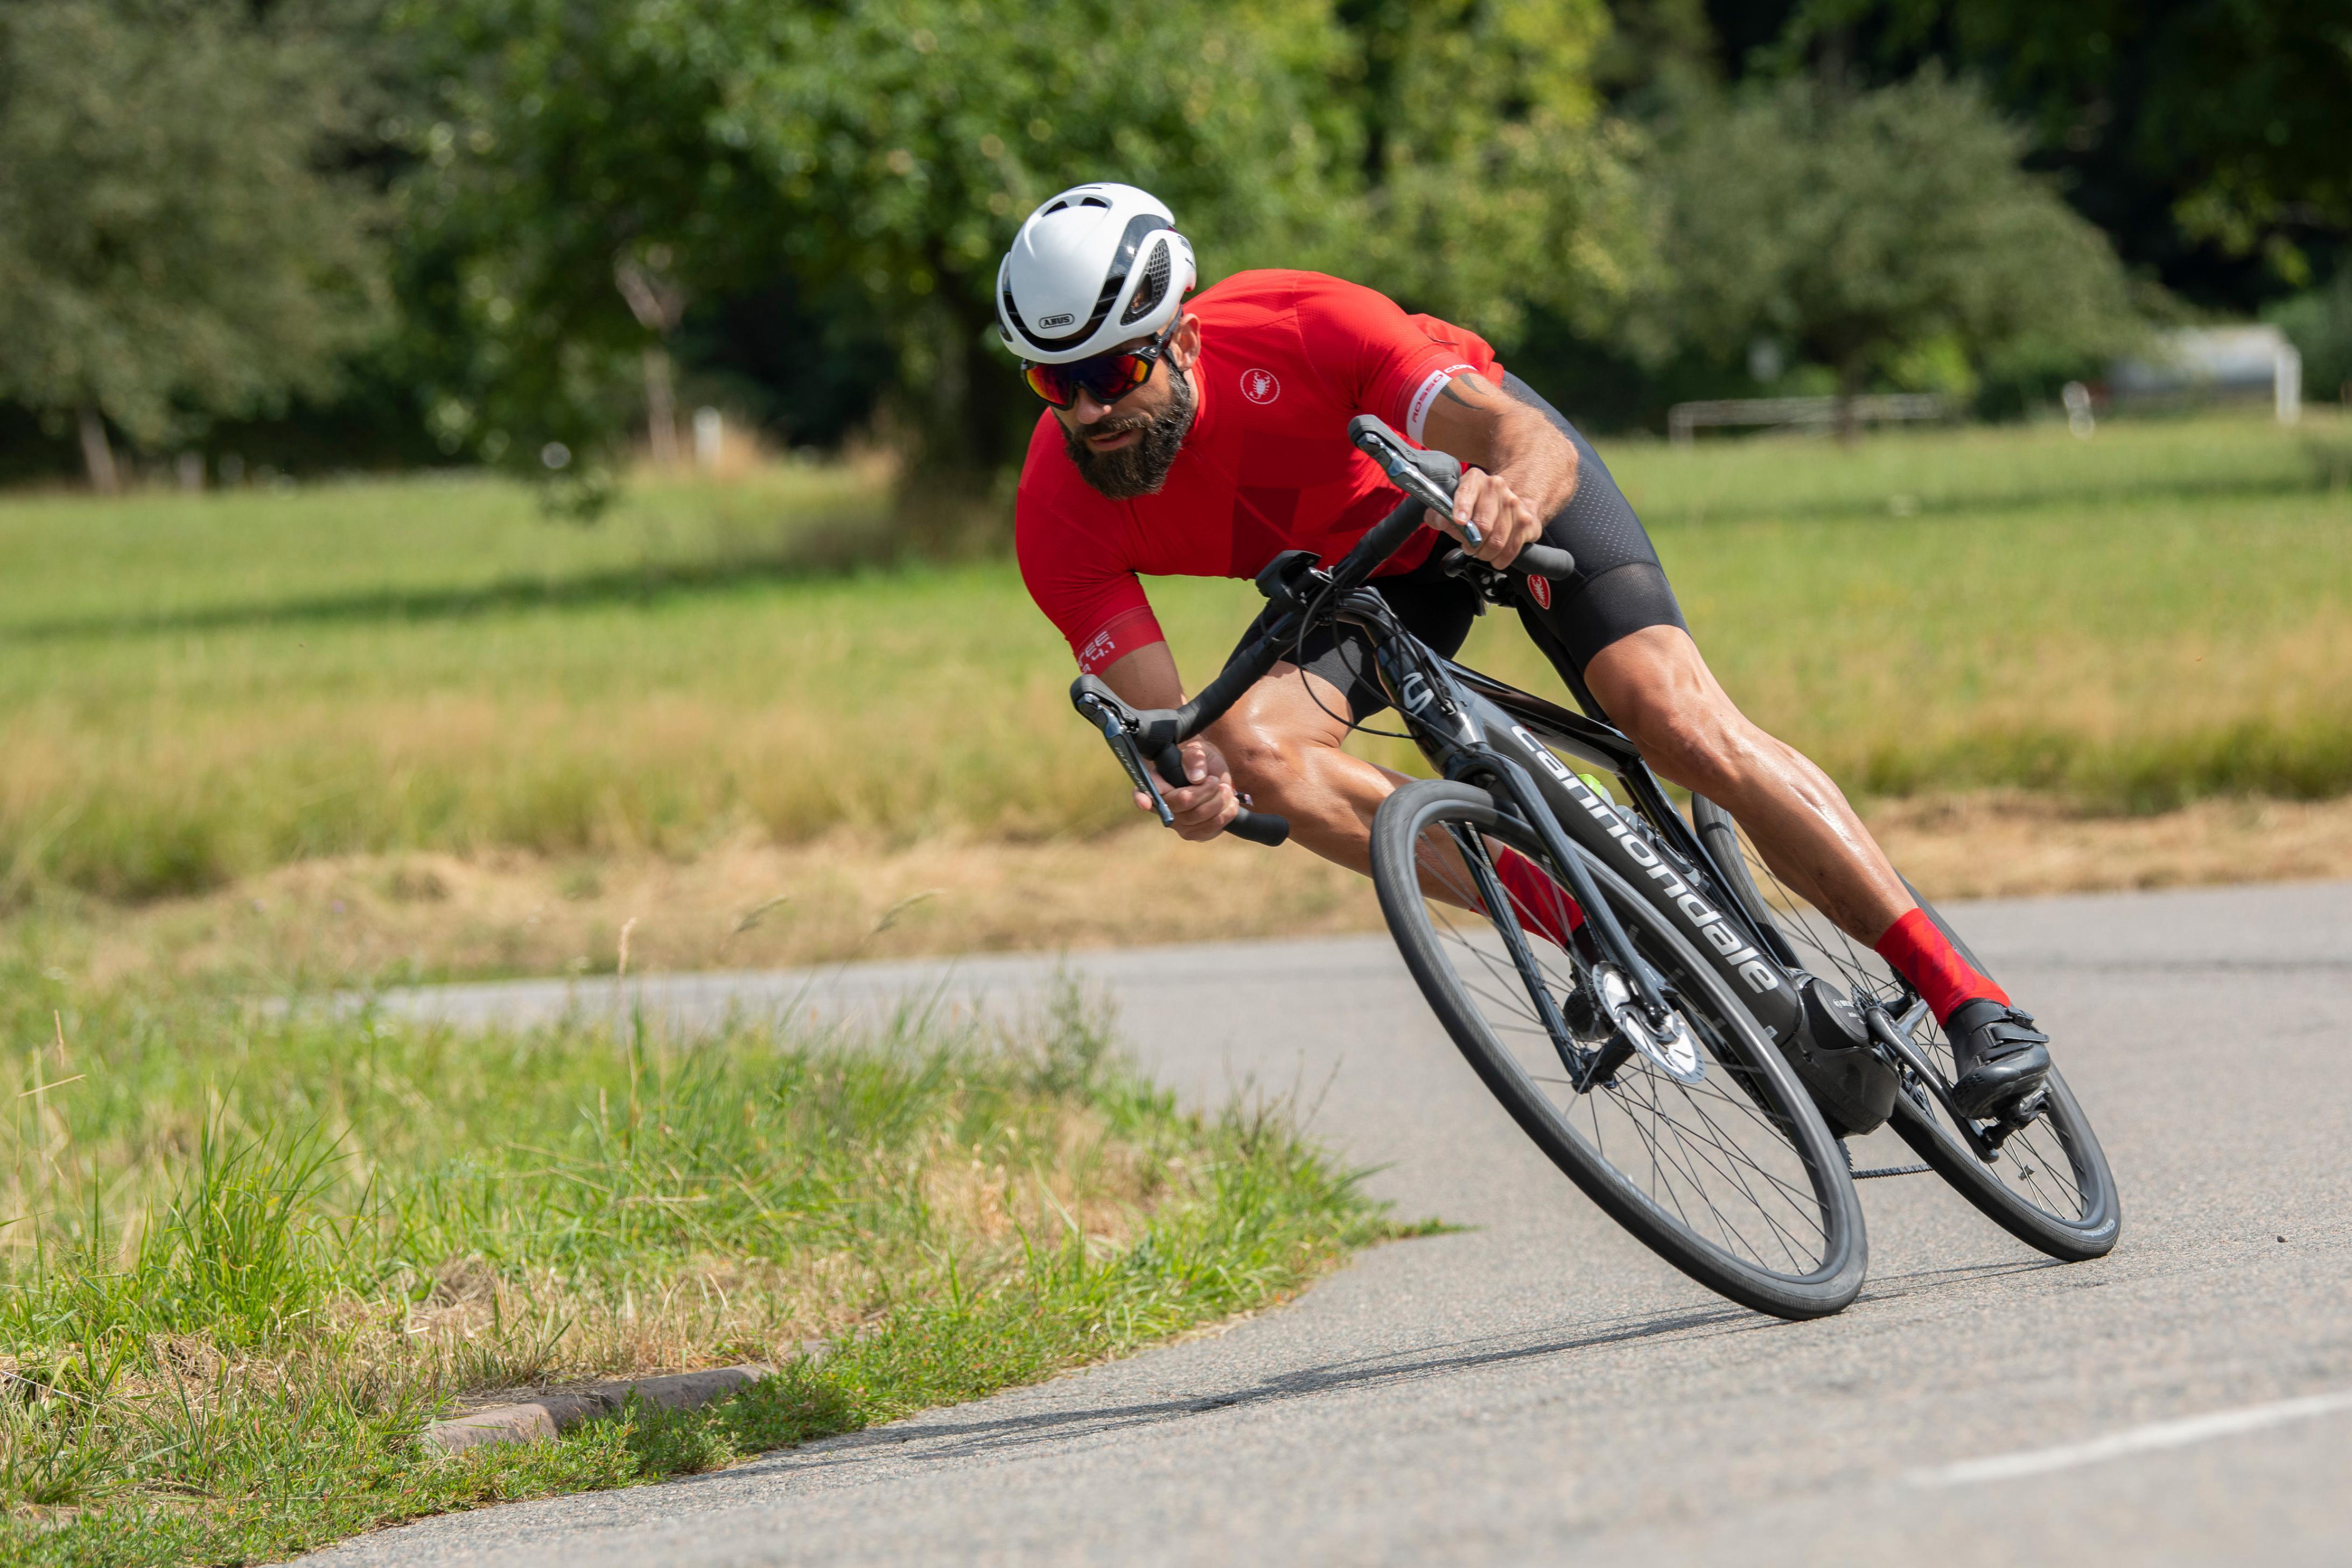 #6 Bergab fährt sich das Synapse NEO wie ein extrem laufruhiges Rennrad und liegt satt auf der Straße.